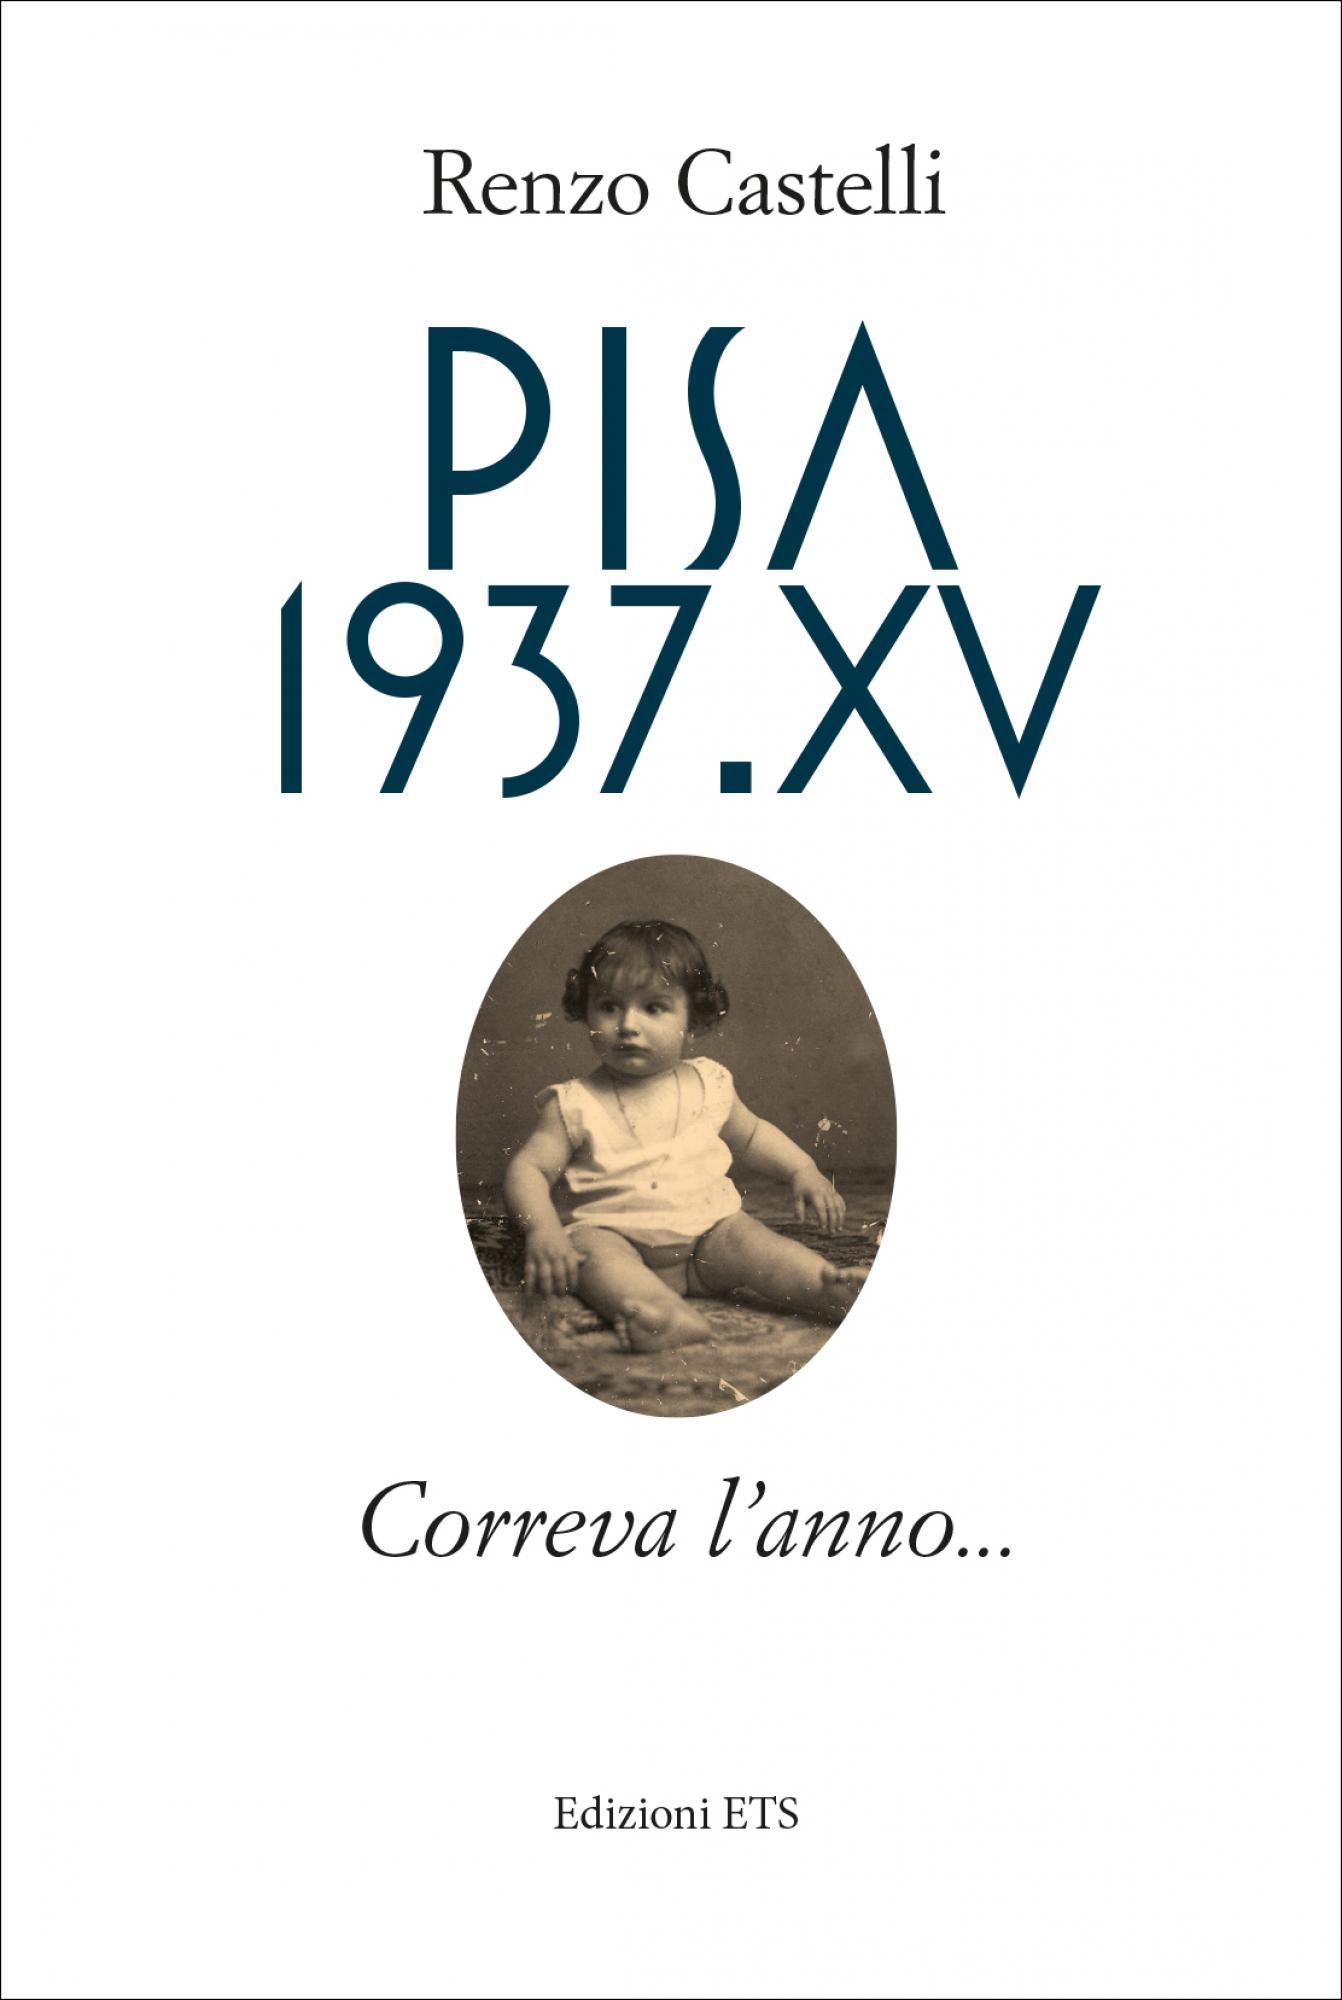 Pisa 1937.XV.Correva l'anno...